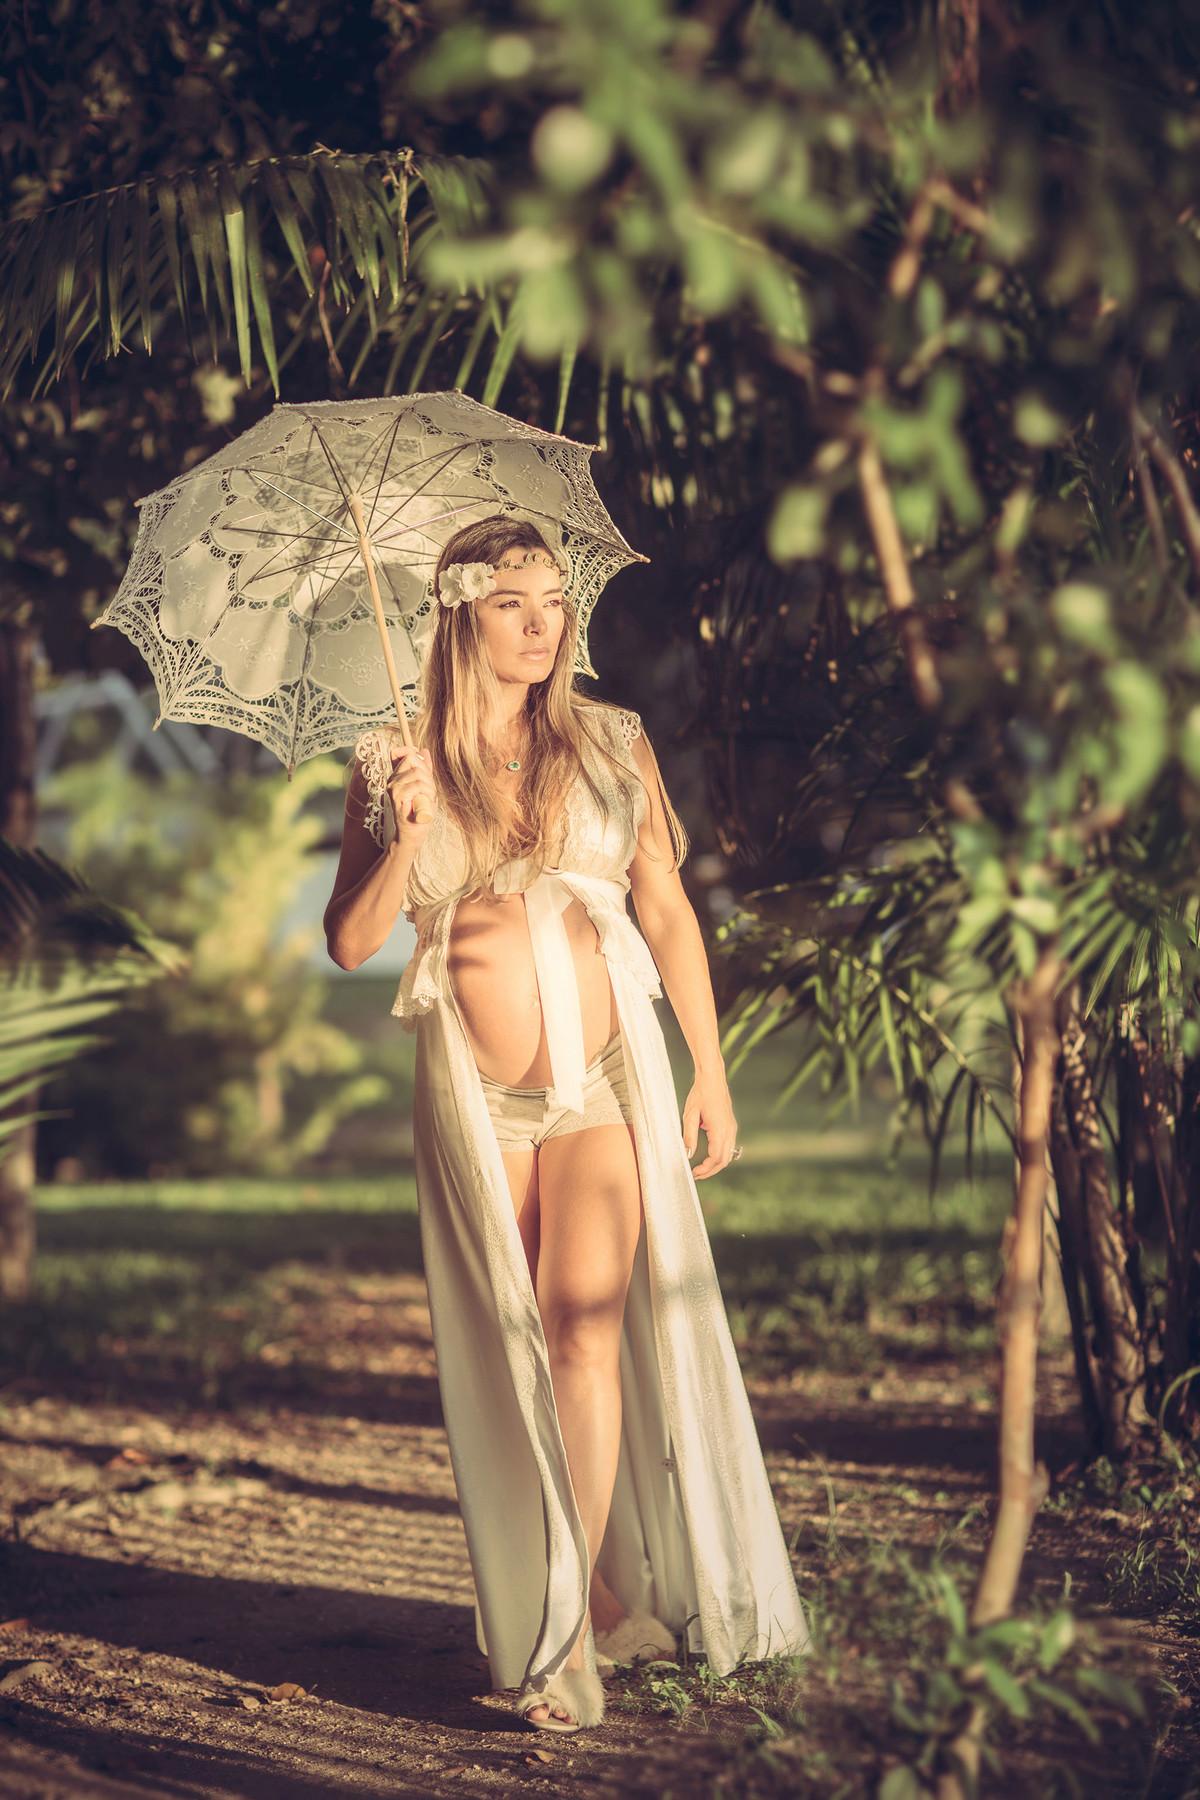 Grávida passeando pela floresta usando vestido branco e uma sombrinha branca de renda. Fotografado pelo fotógrafo de gestantes Rafael Ohana em Manaus-AM